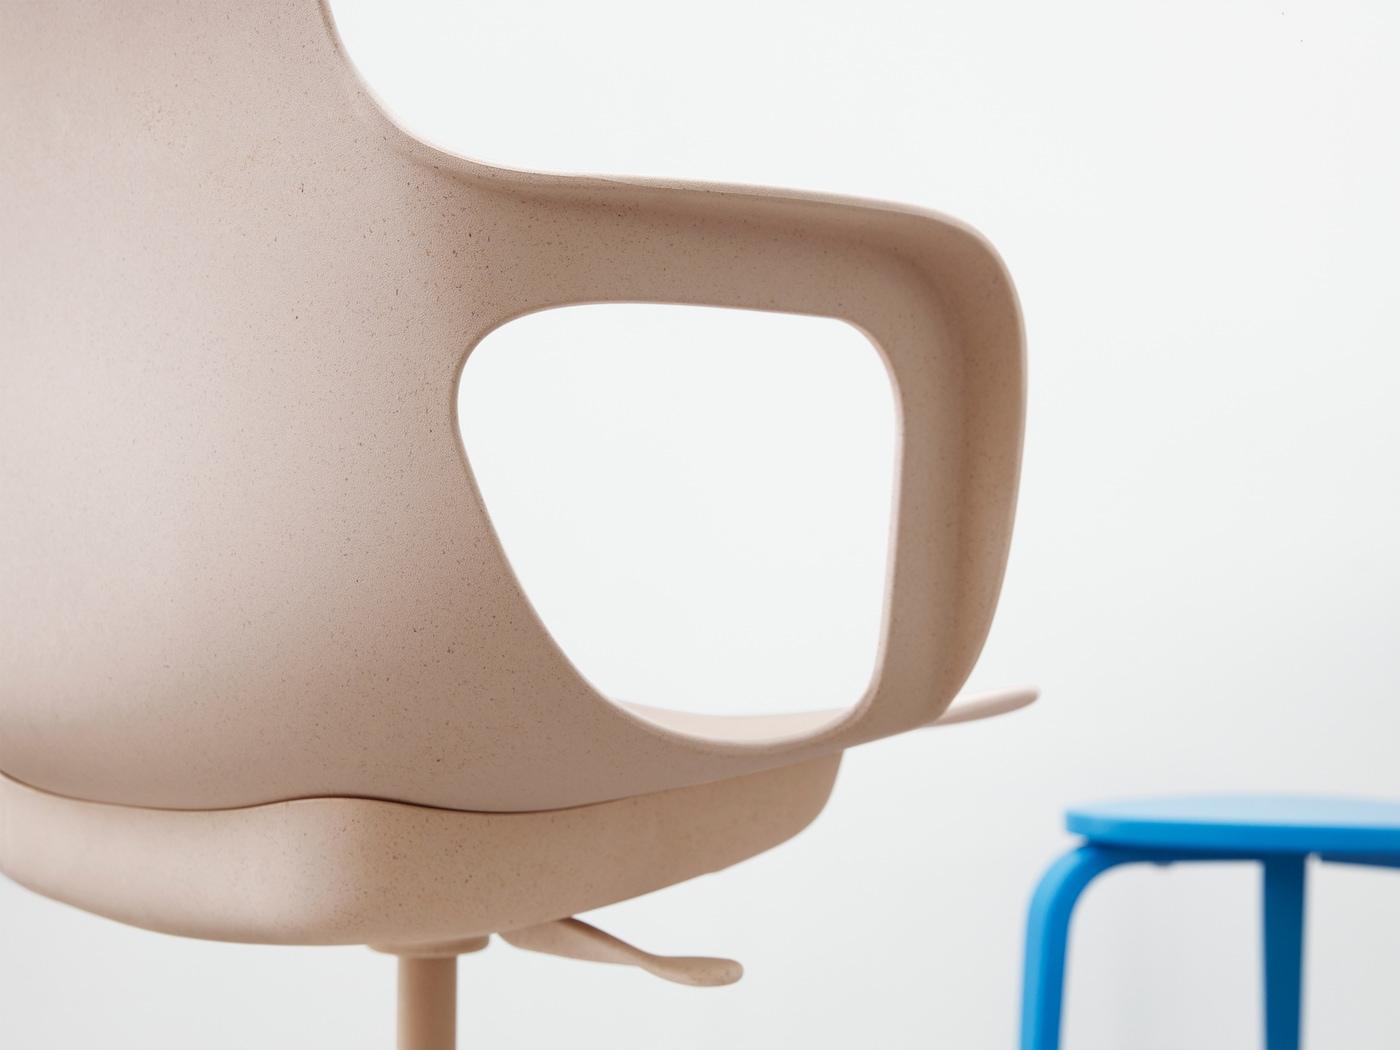 Detalle de la silla giratoria ODGER con su asiento cóncavo, respaldo redondeado y reposabrazos en blanco/beige o negro.